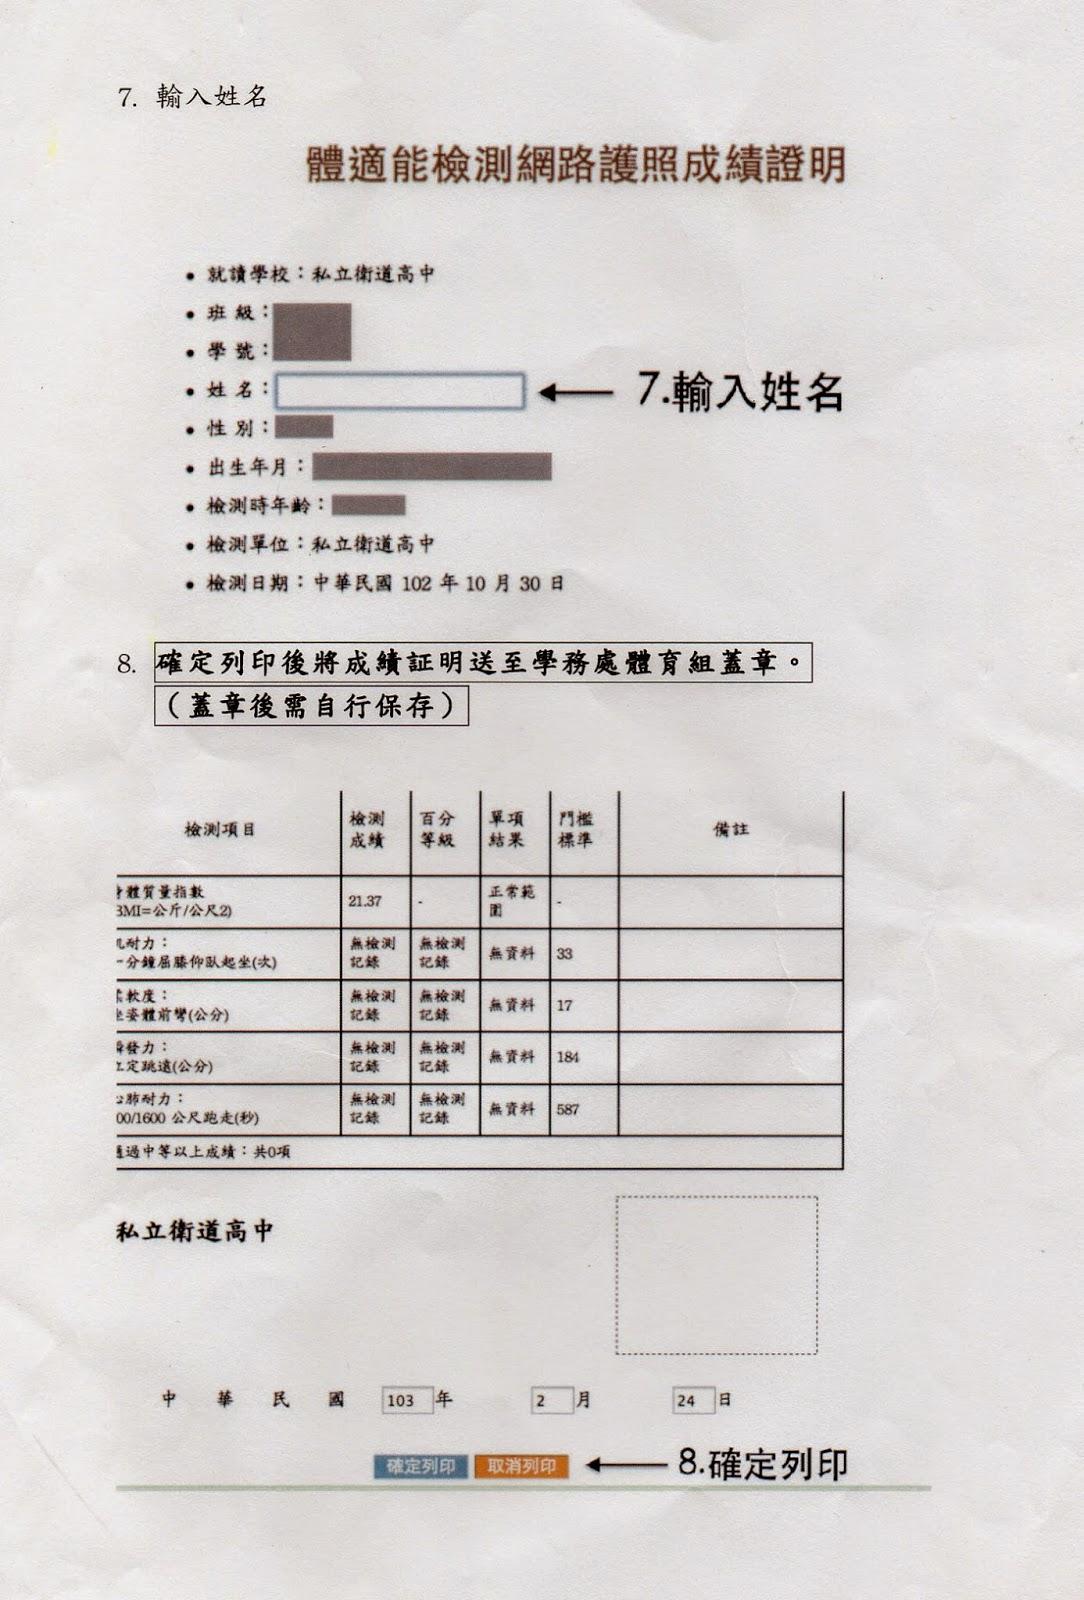 75 讀書會: 列印體適能檢測網路護照成績證明 操作說明